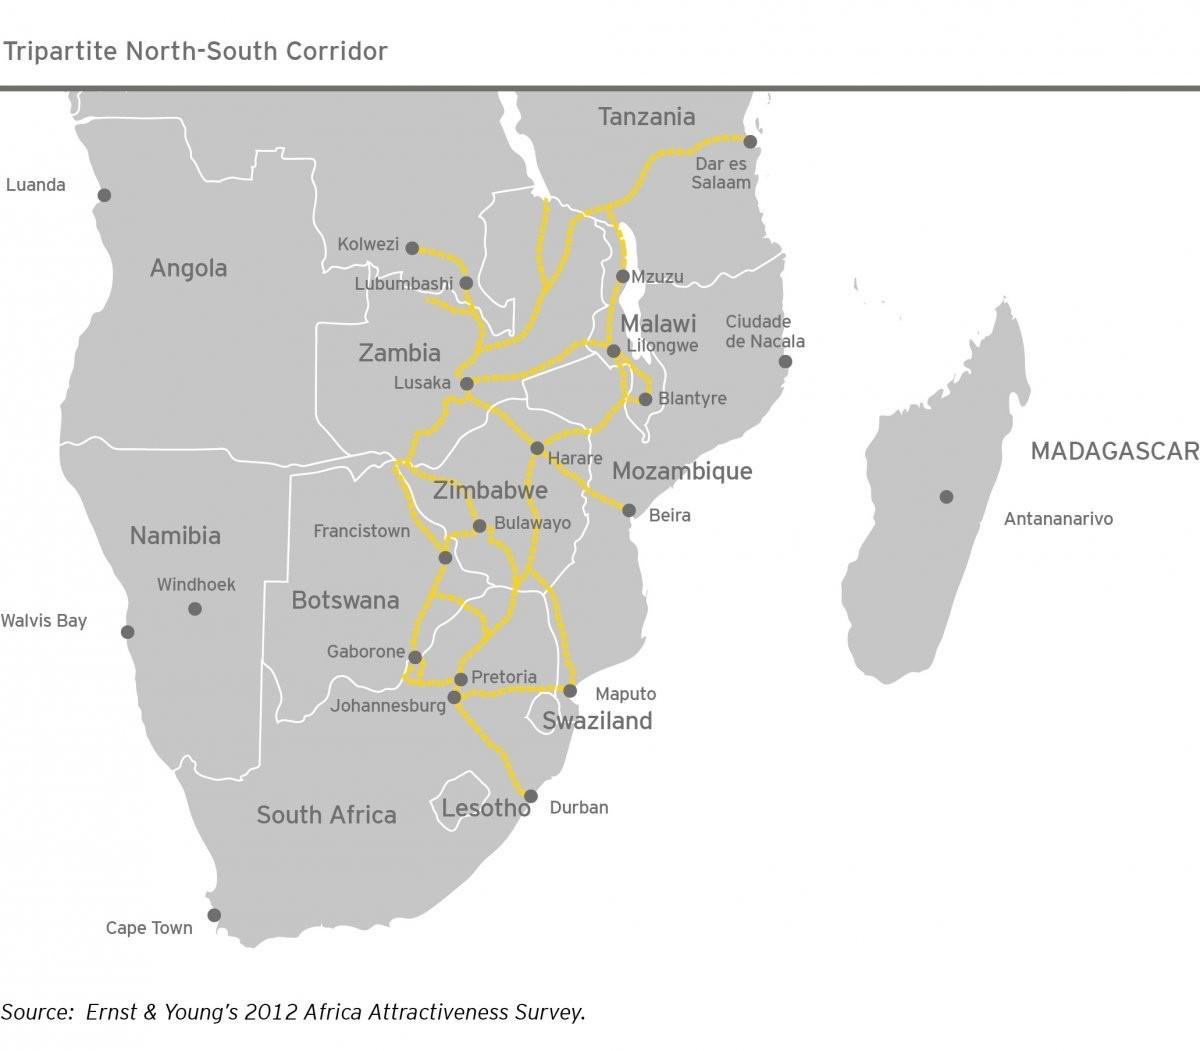 Tripartite North-South Corridor